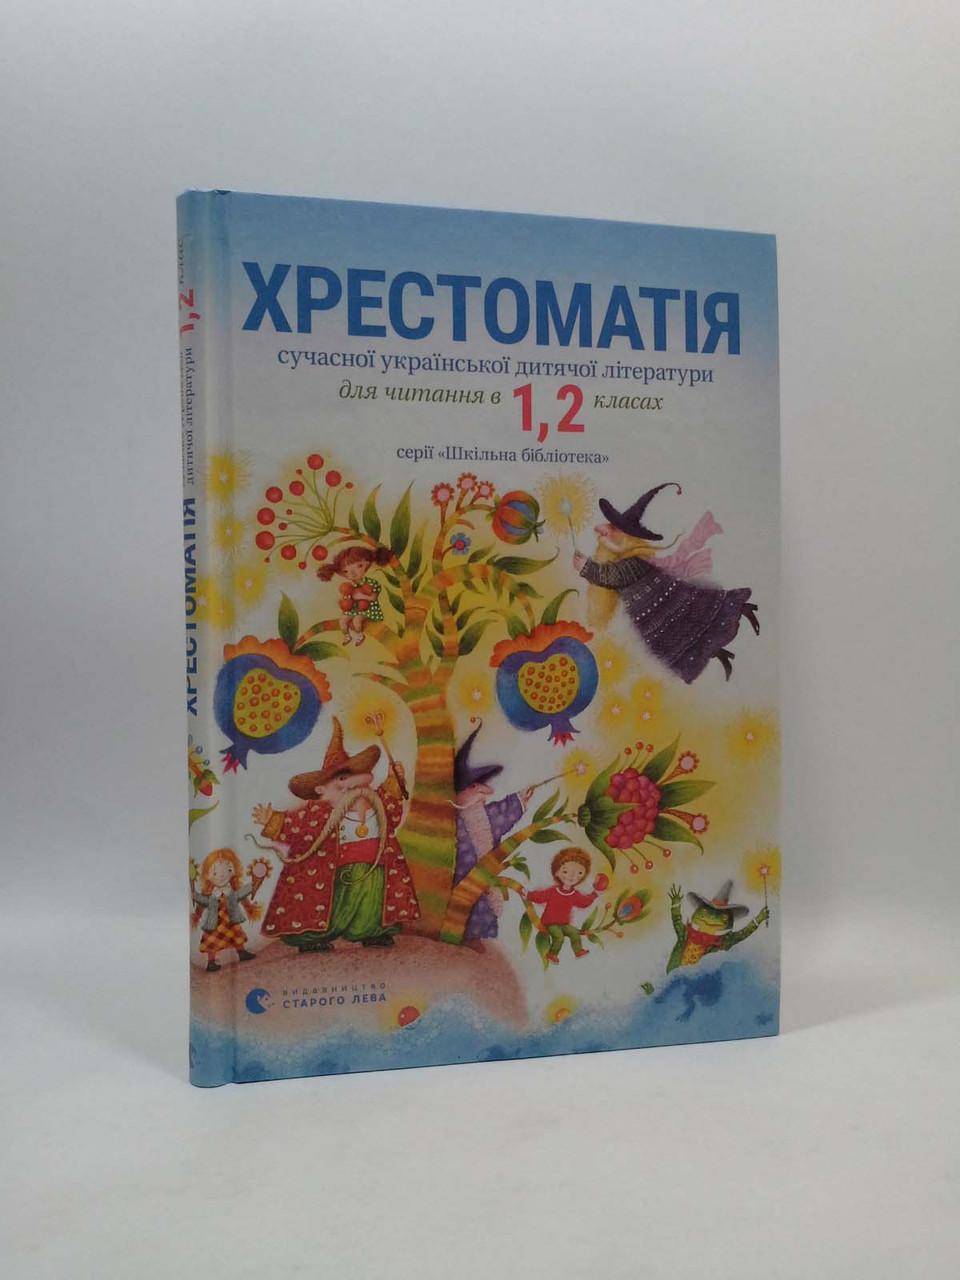 Хрестоматія сучасної літератури для читання в 1, 2 класах Стус Видавництво Старого Лева